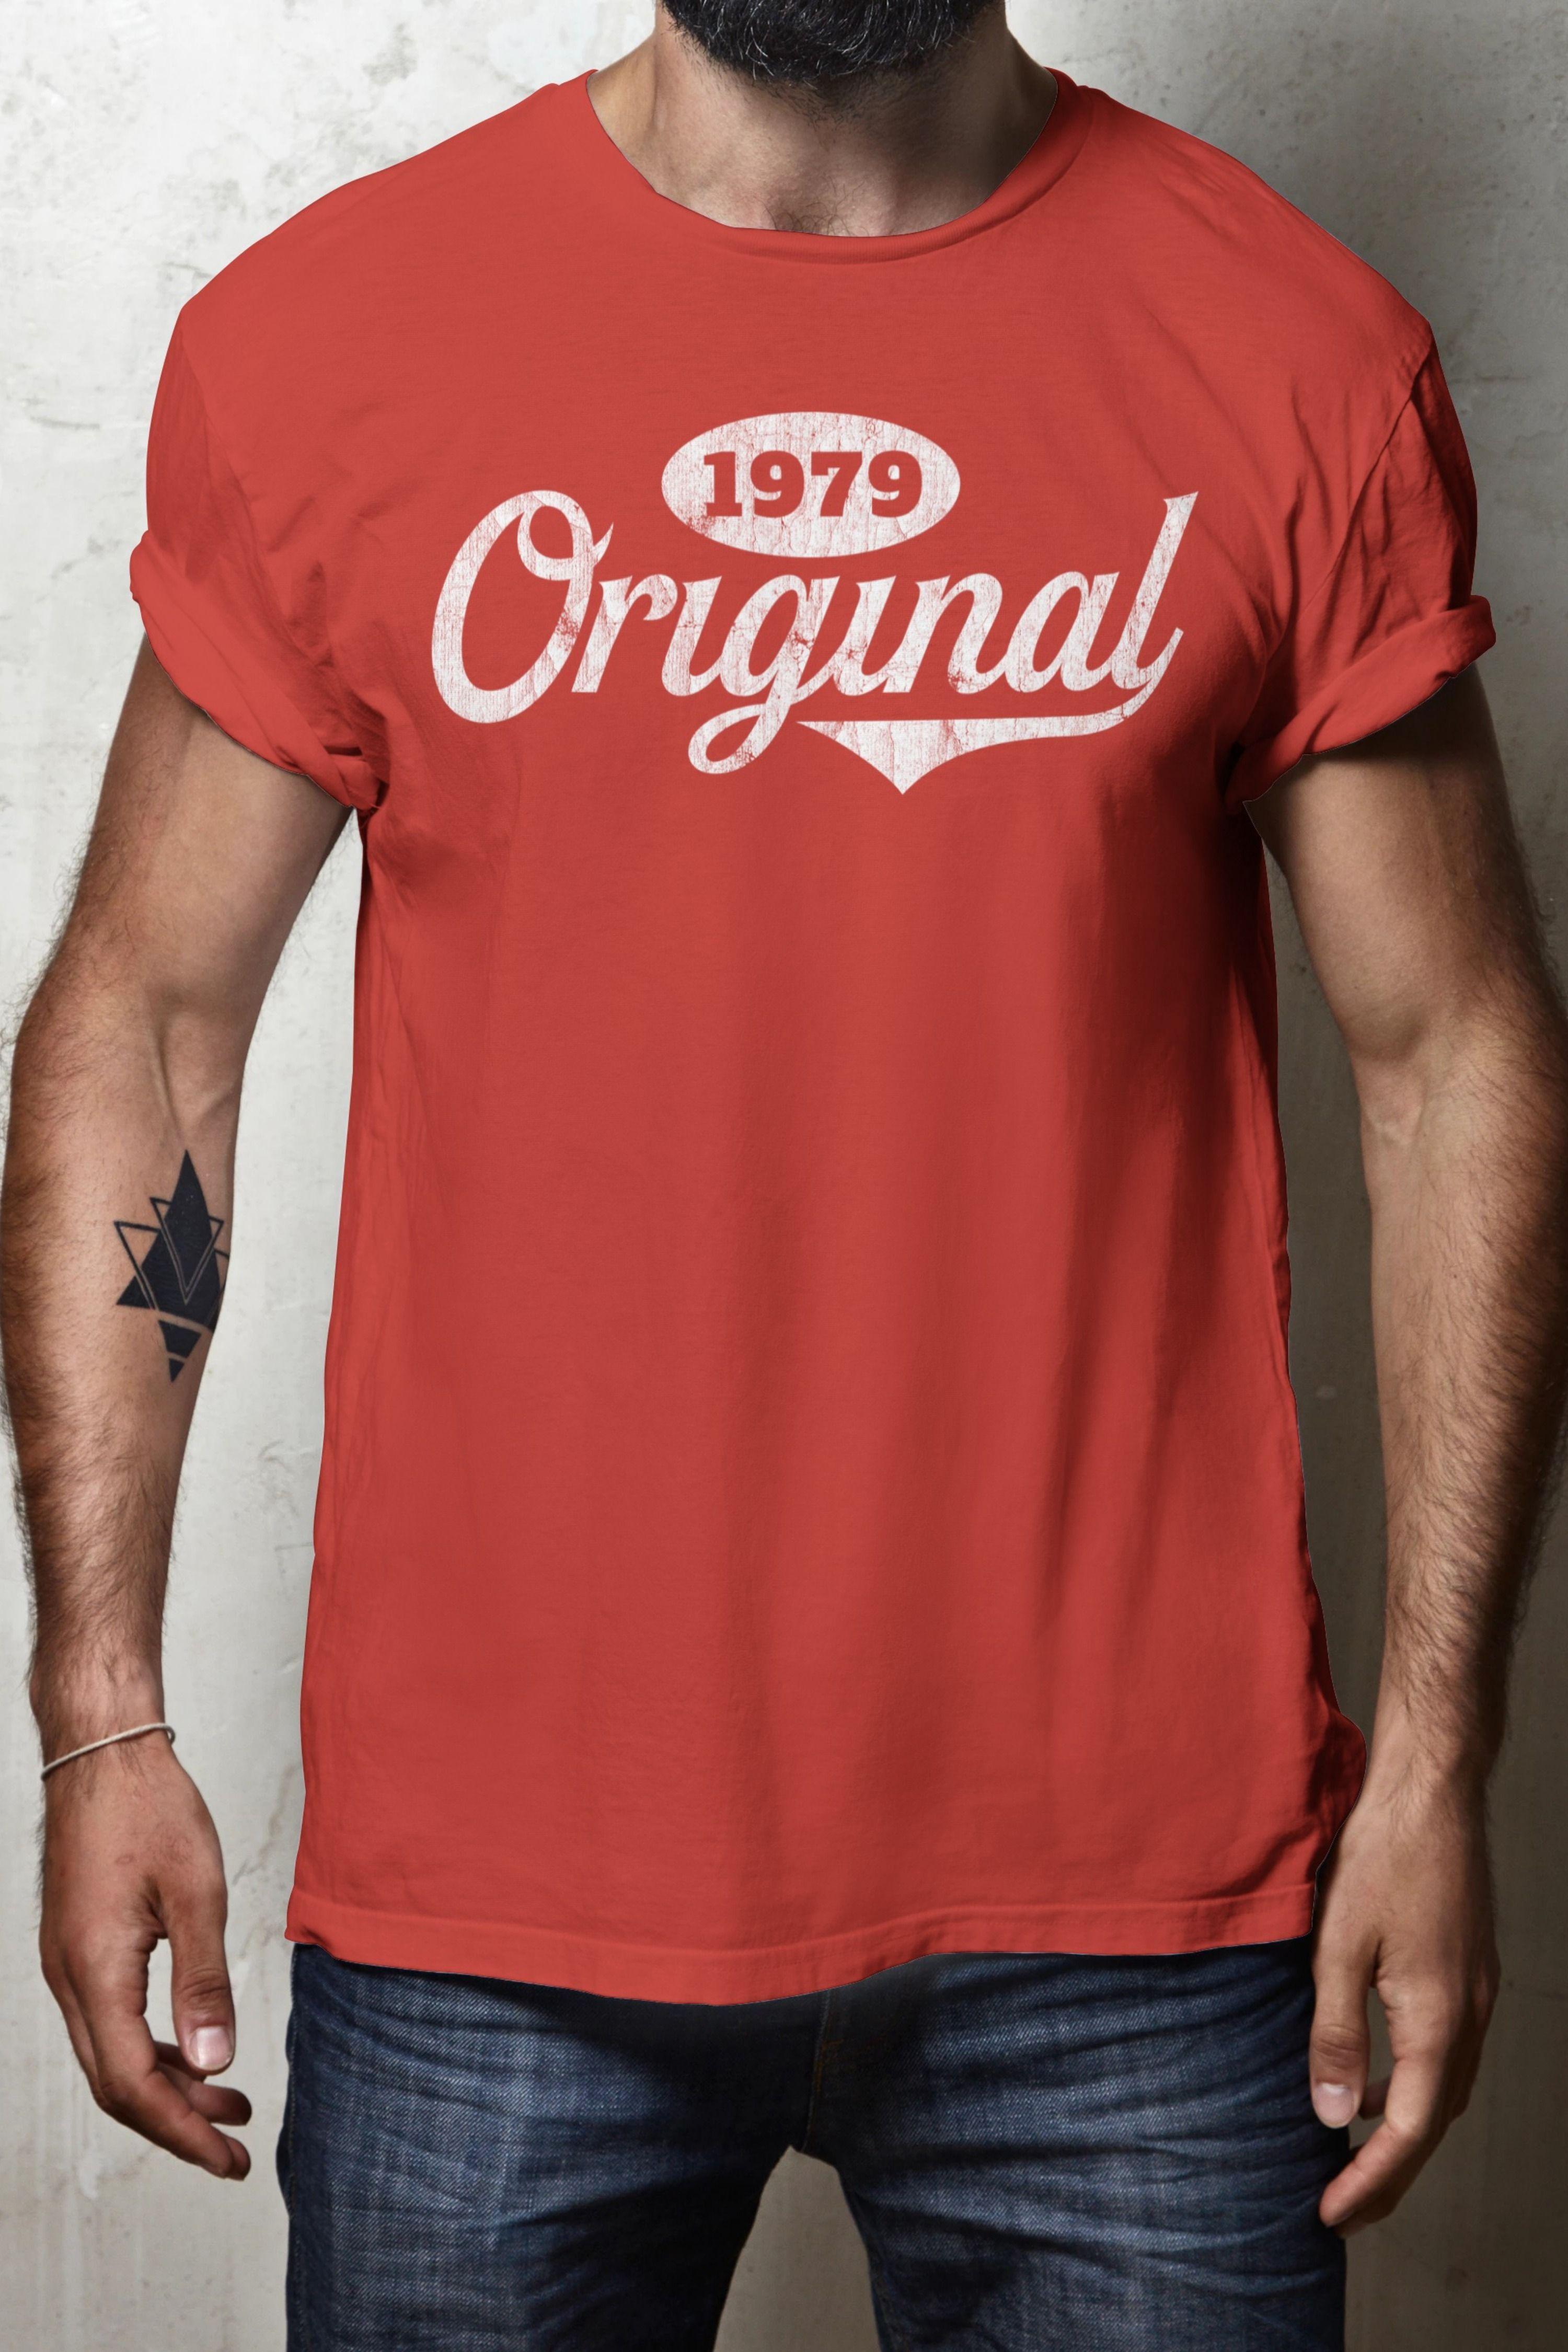 40th birthday gift 1979 original vintage tshirt funny